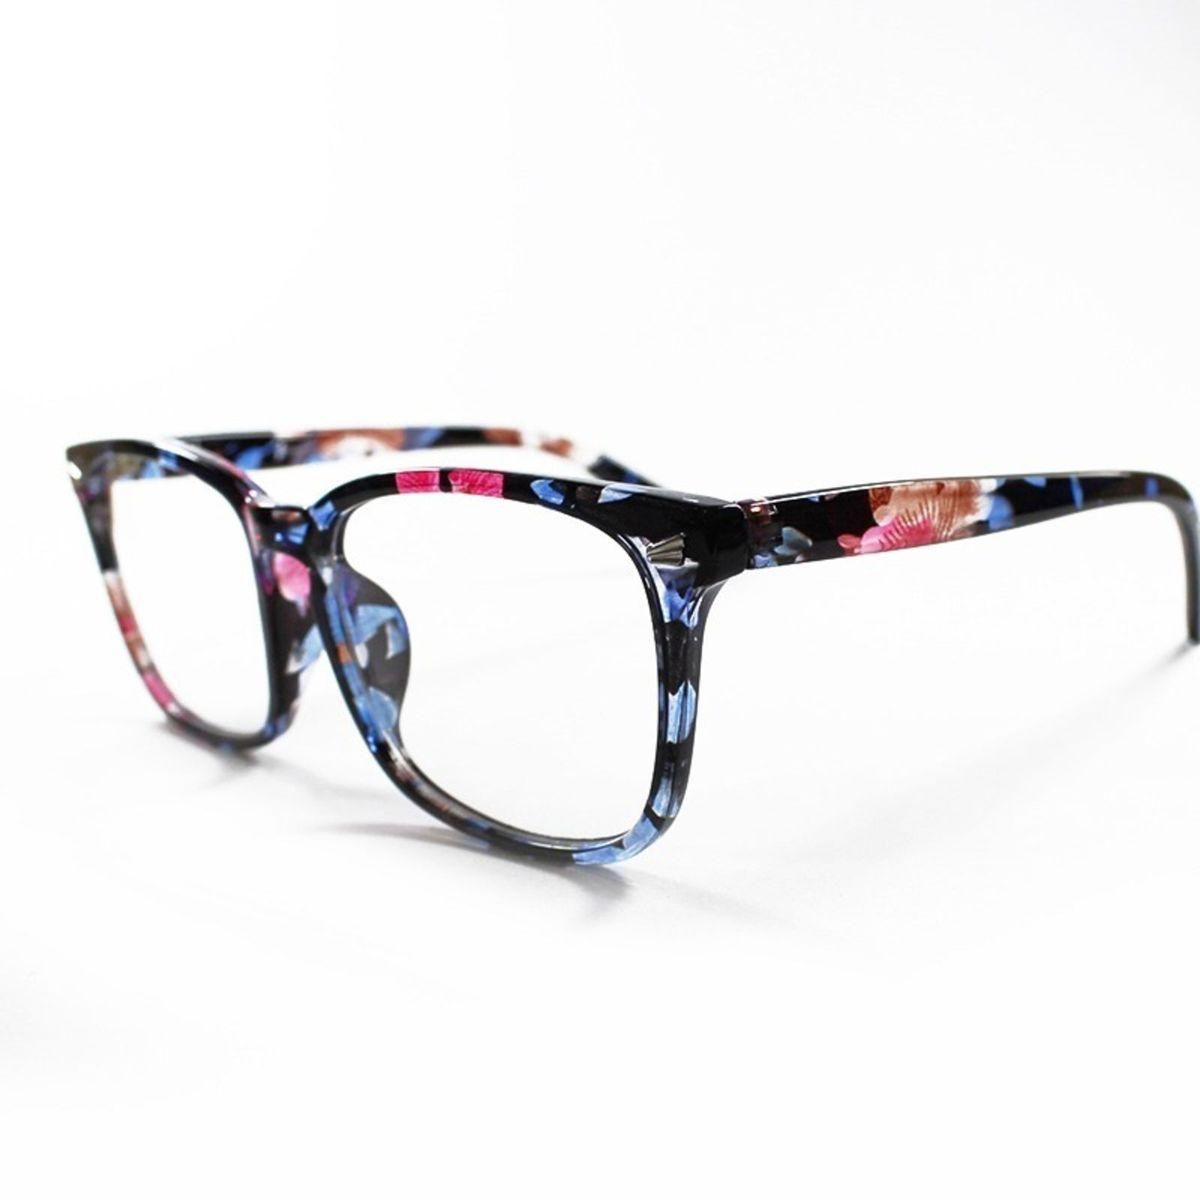 53eb87b21bfee armação óculos para grau feminina quadrada retangular básica floral - óculos  sem marca